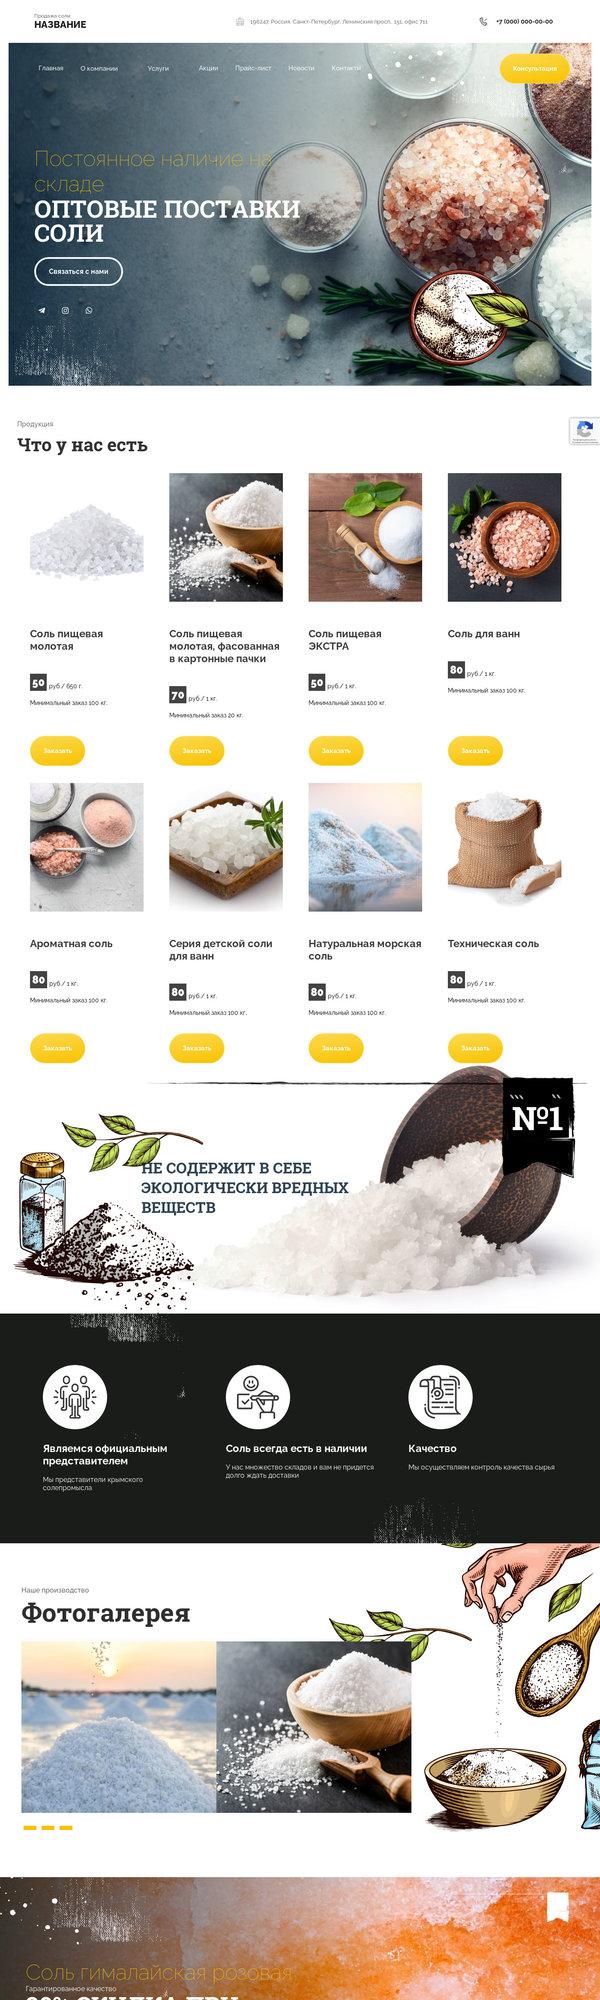 Готовый Сайт-Бизнес #3013120 - Соль, продажа соли (Десктопная версия)